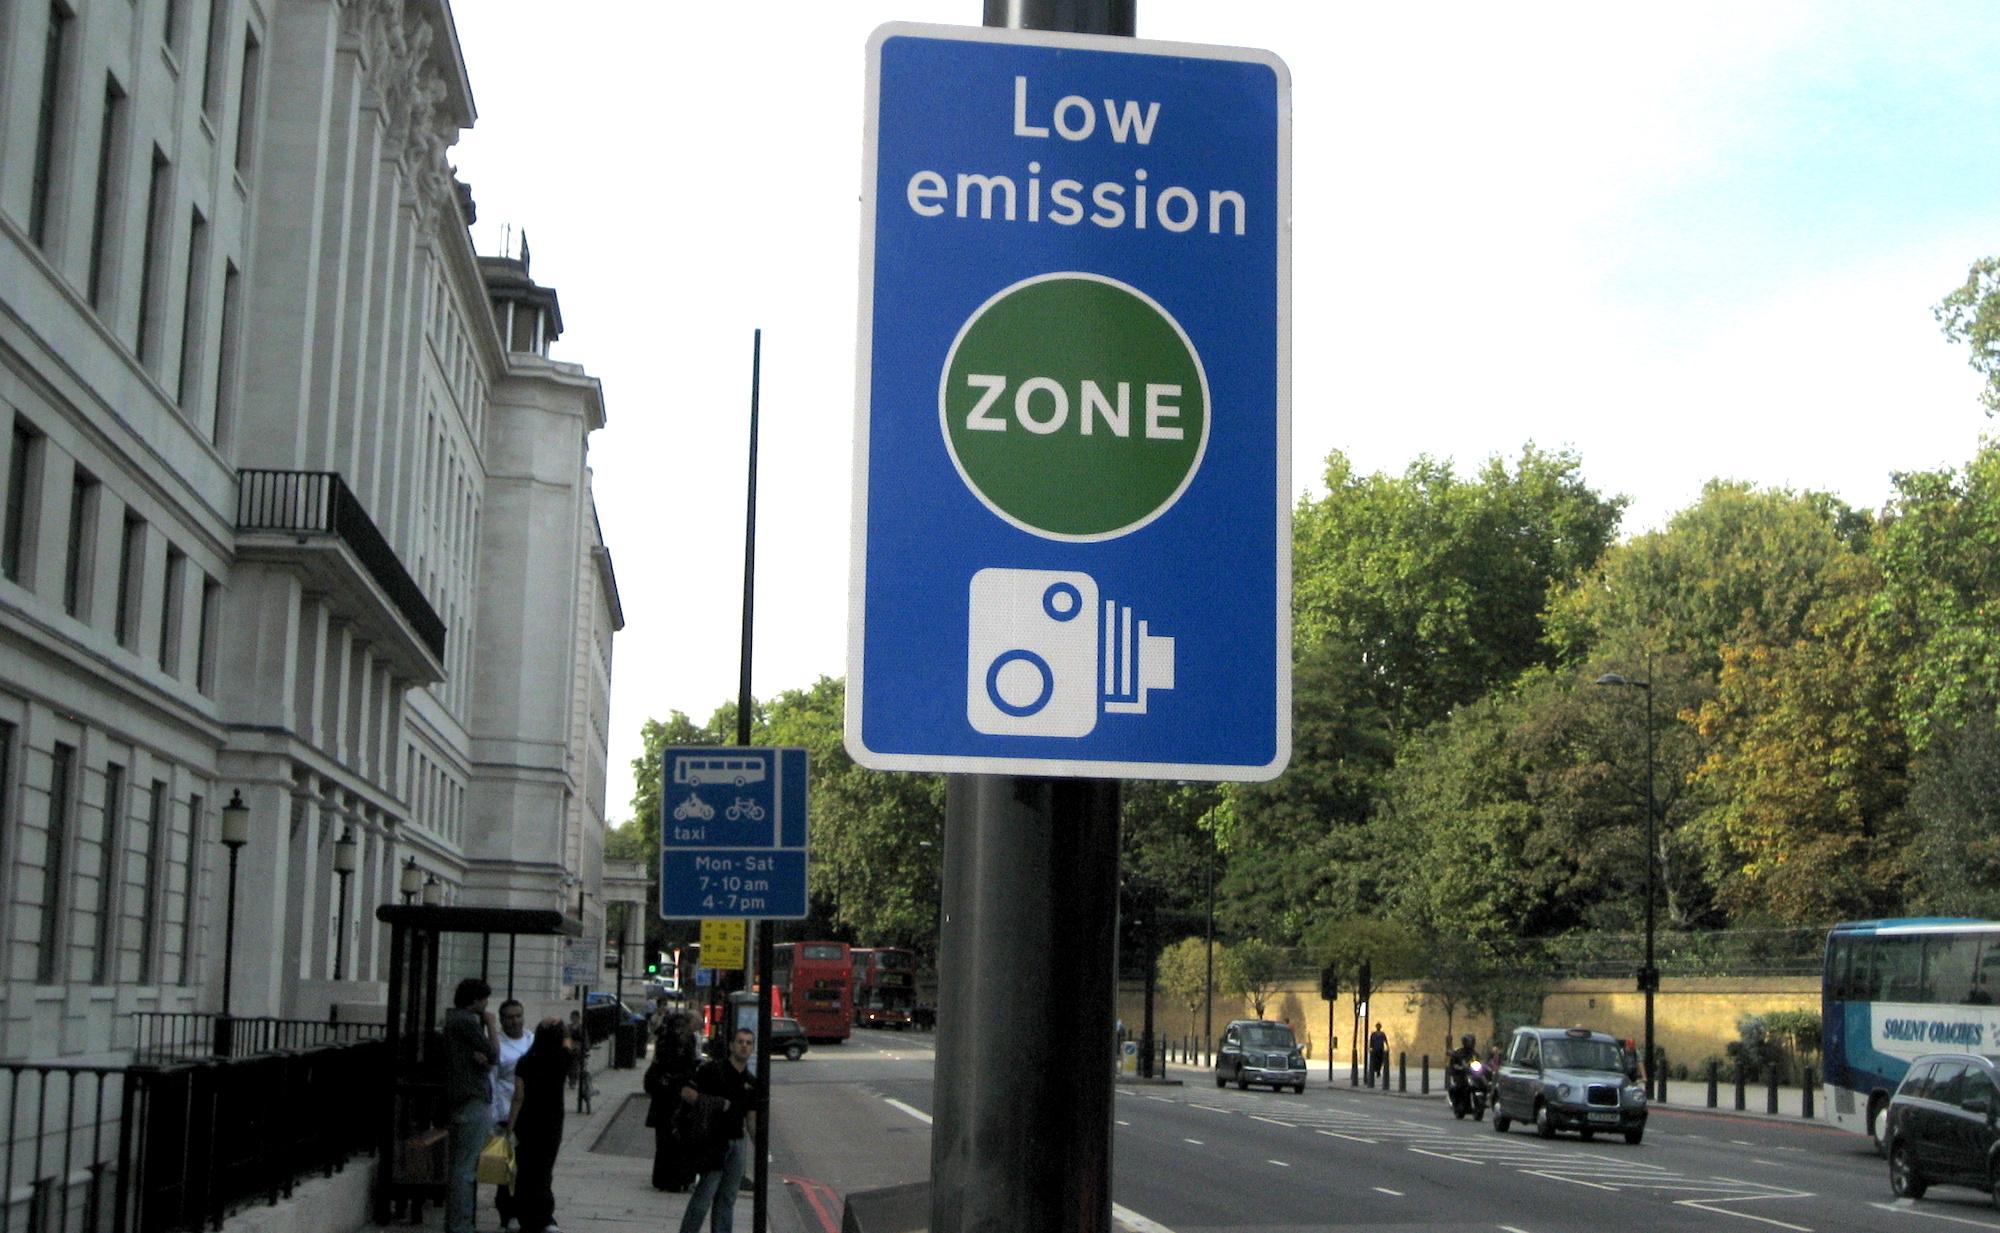 Картинки по запросу low emission zone